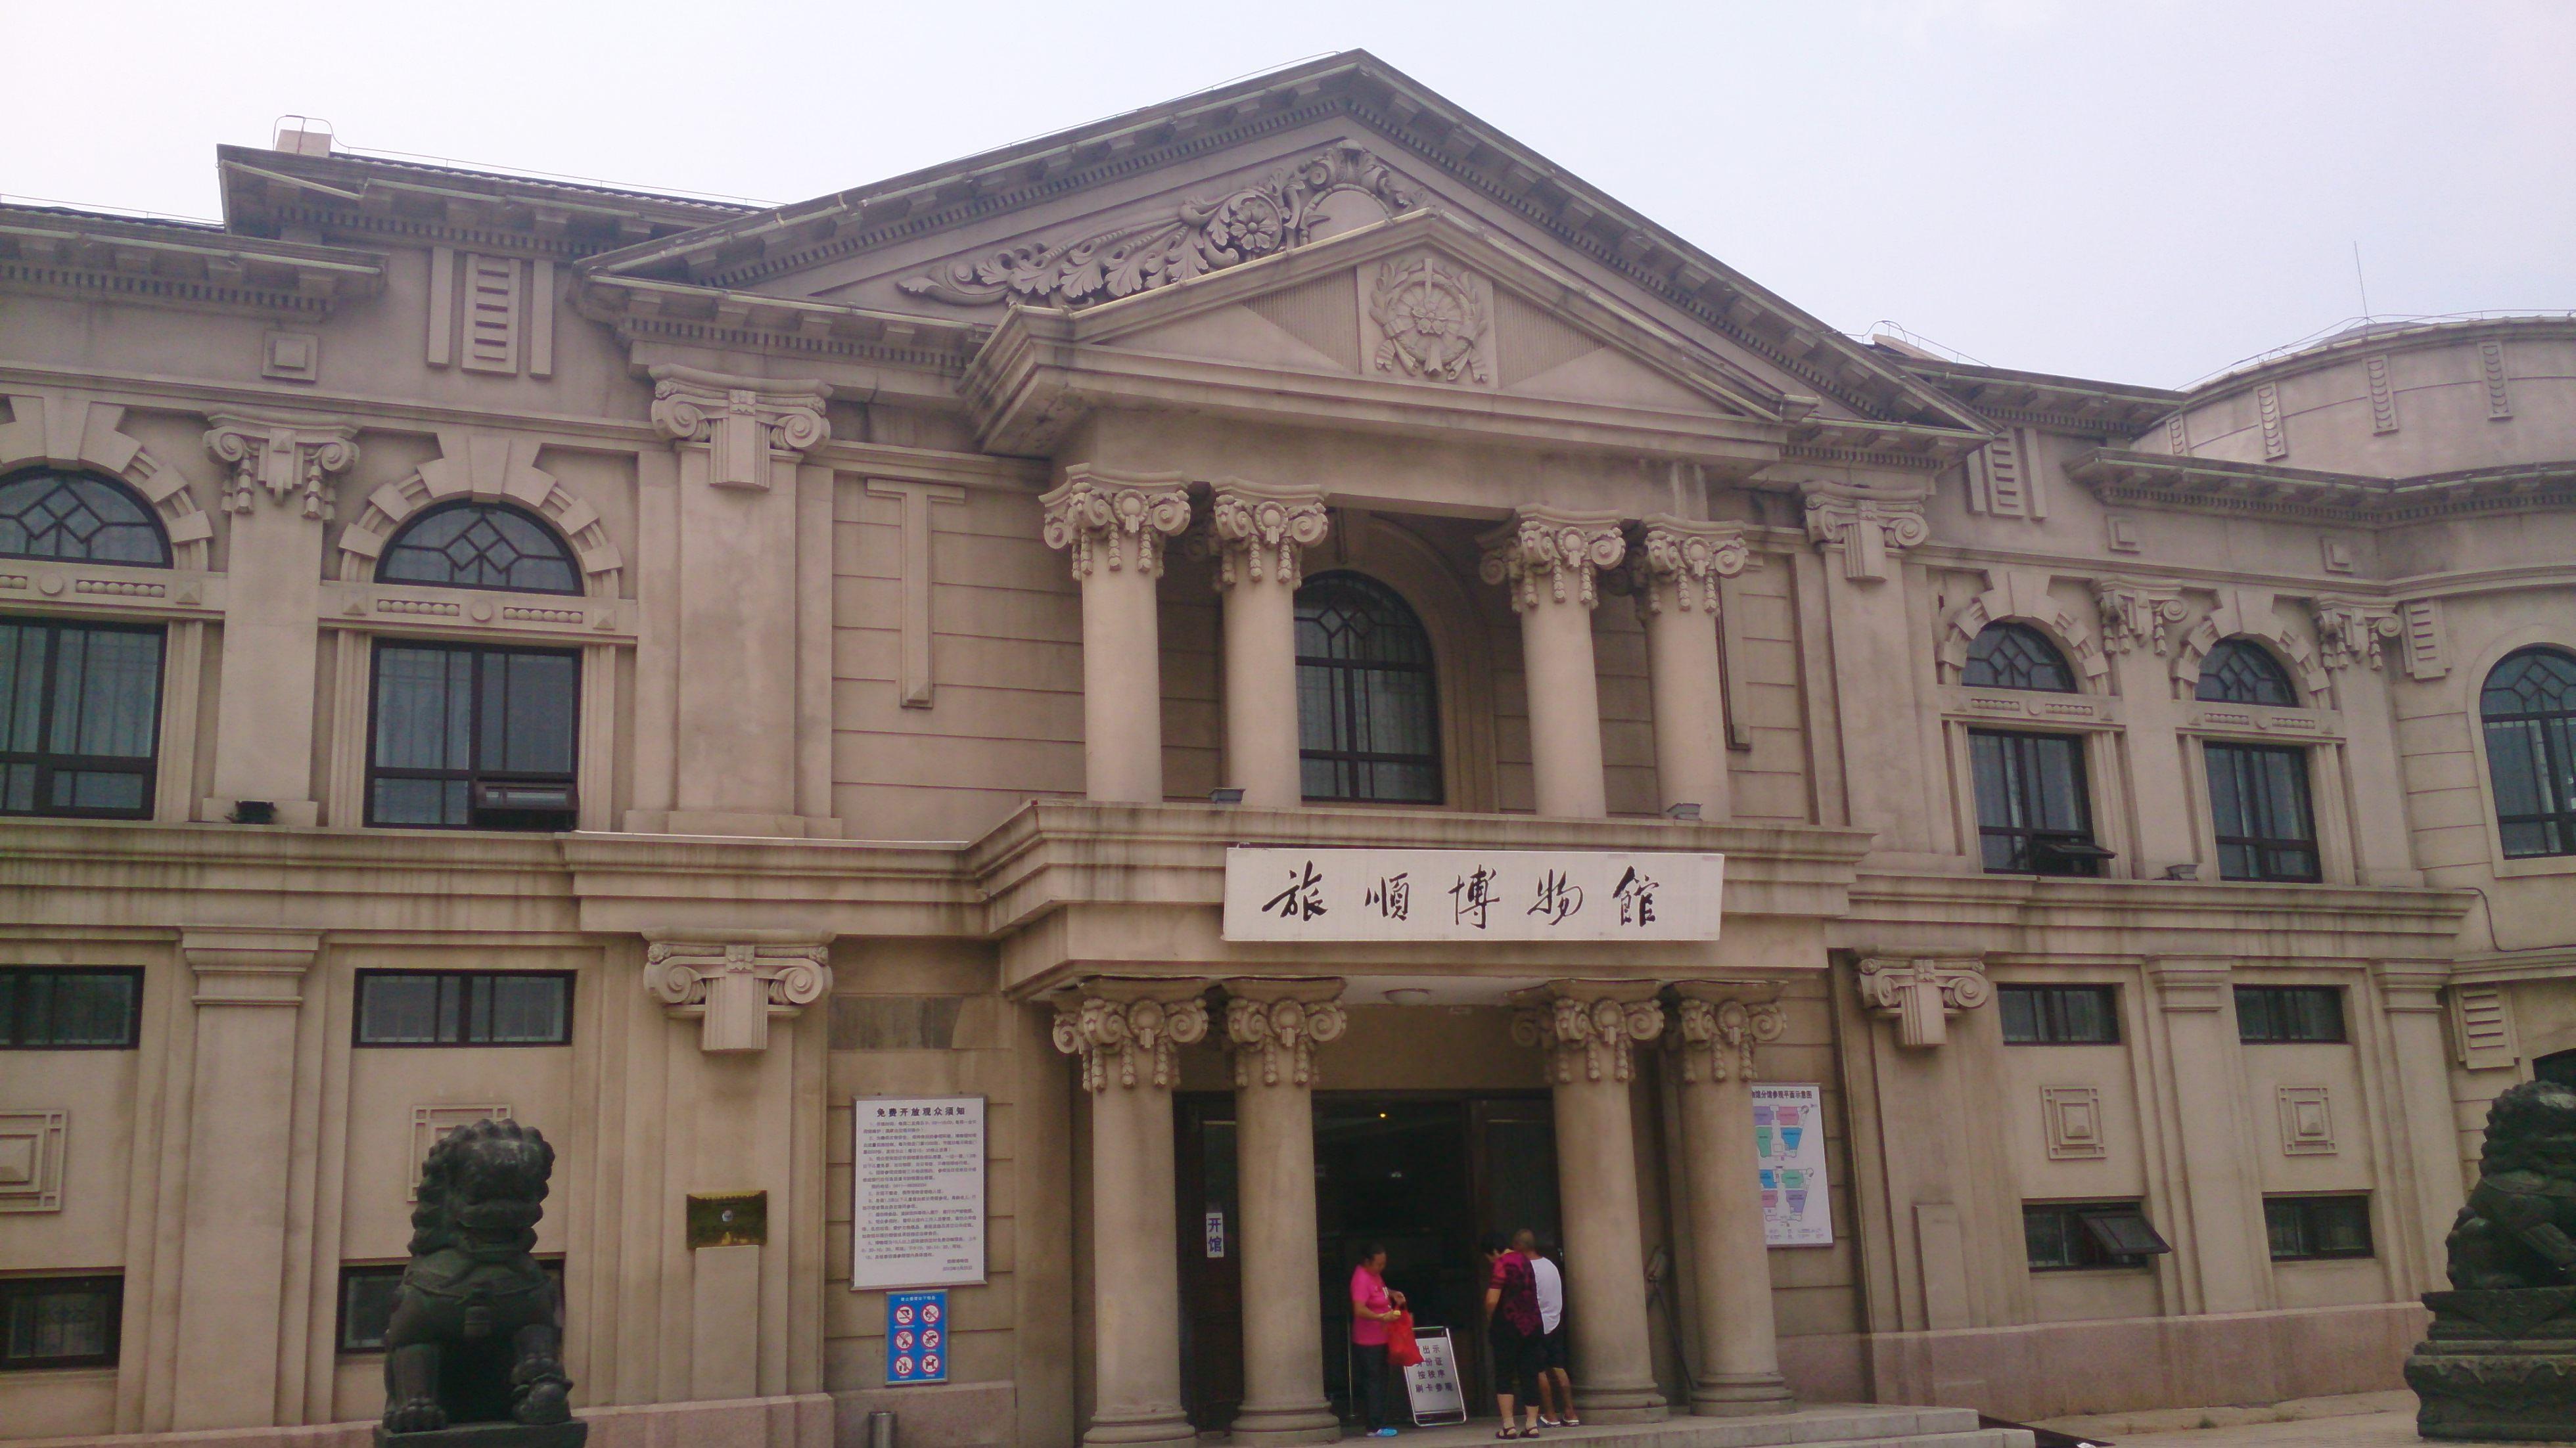 旅順博物館と旧関東軍司令部